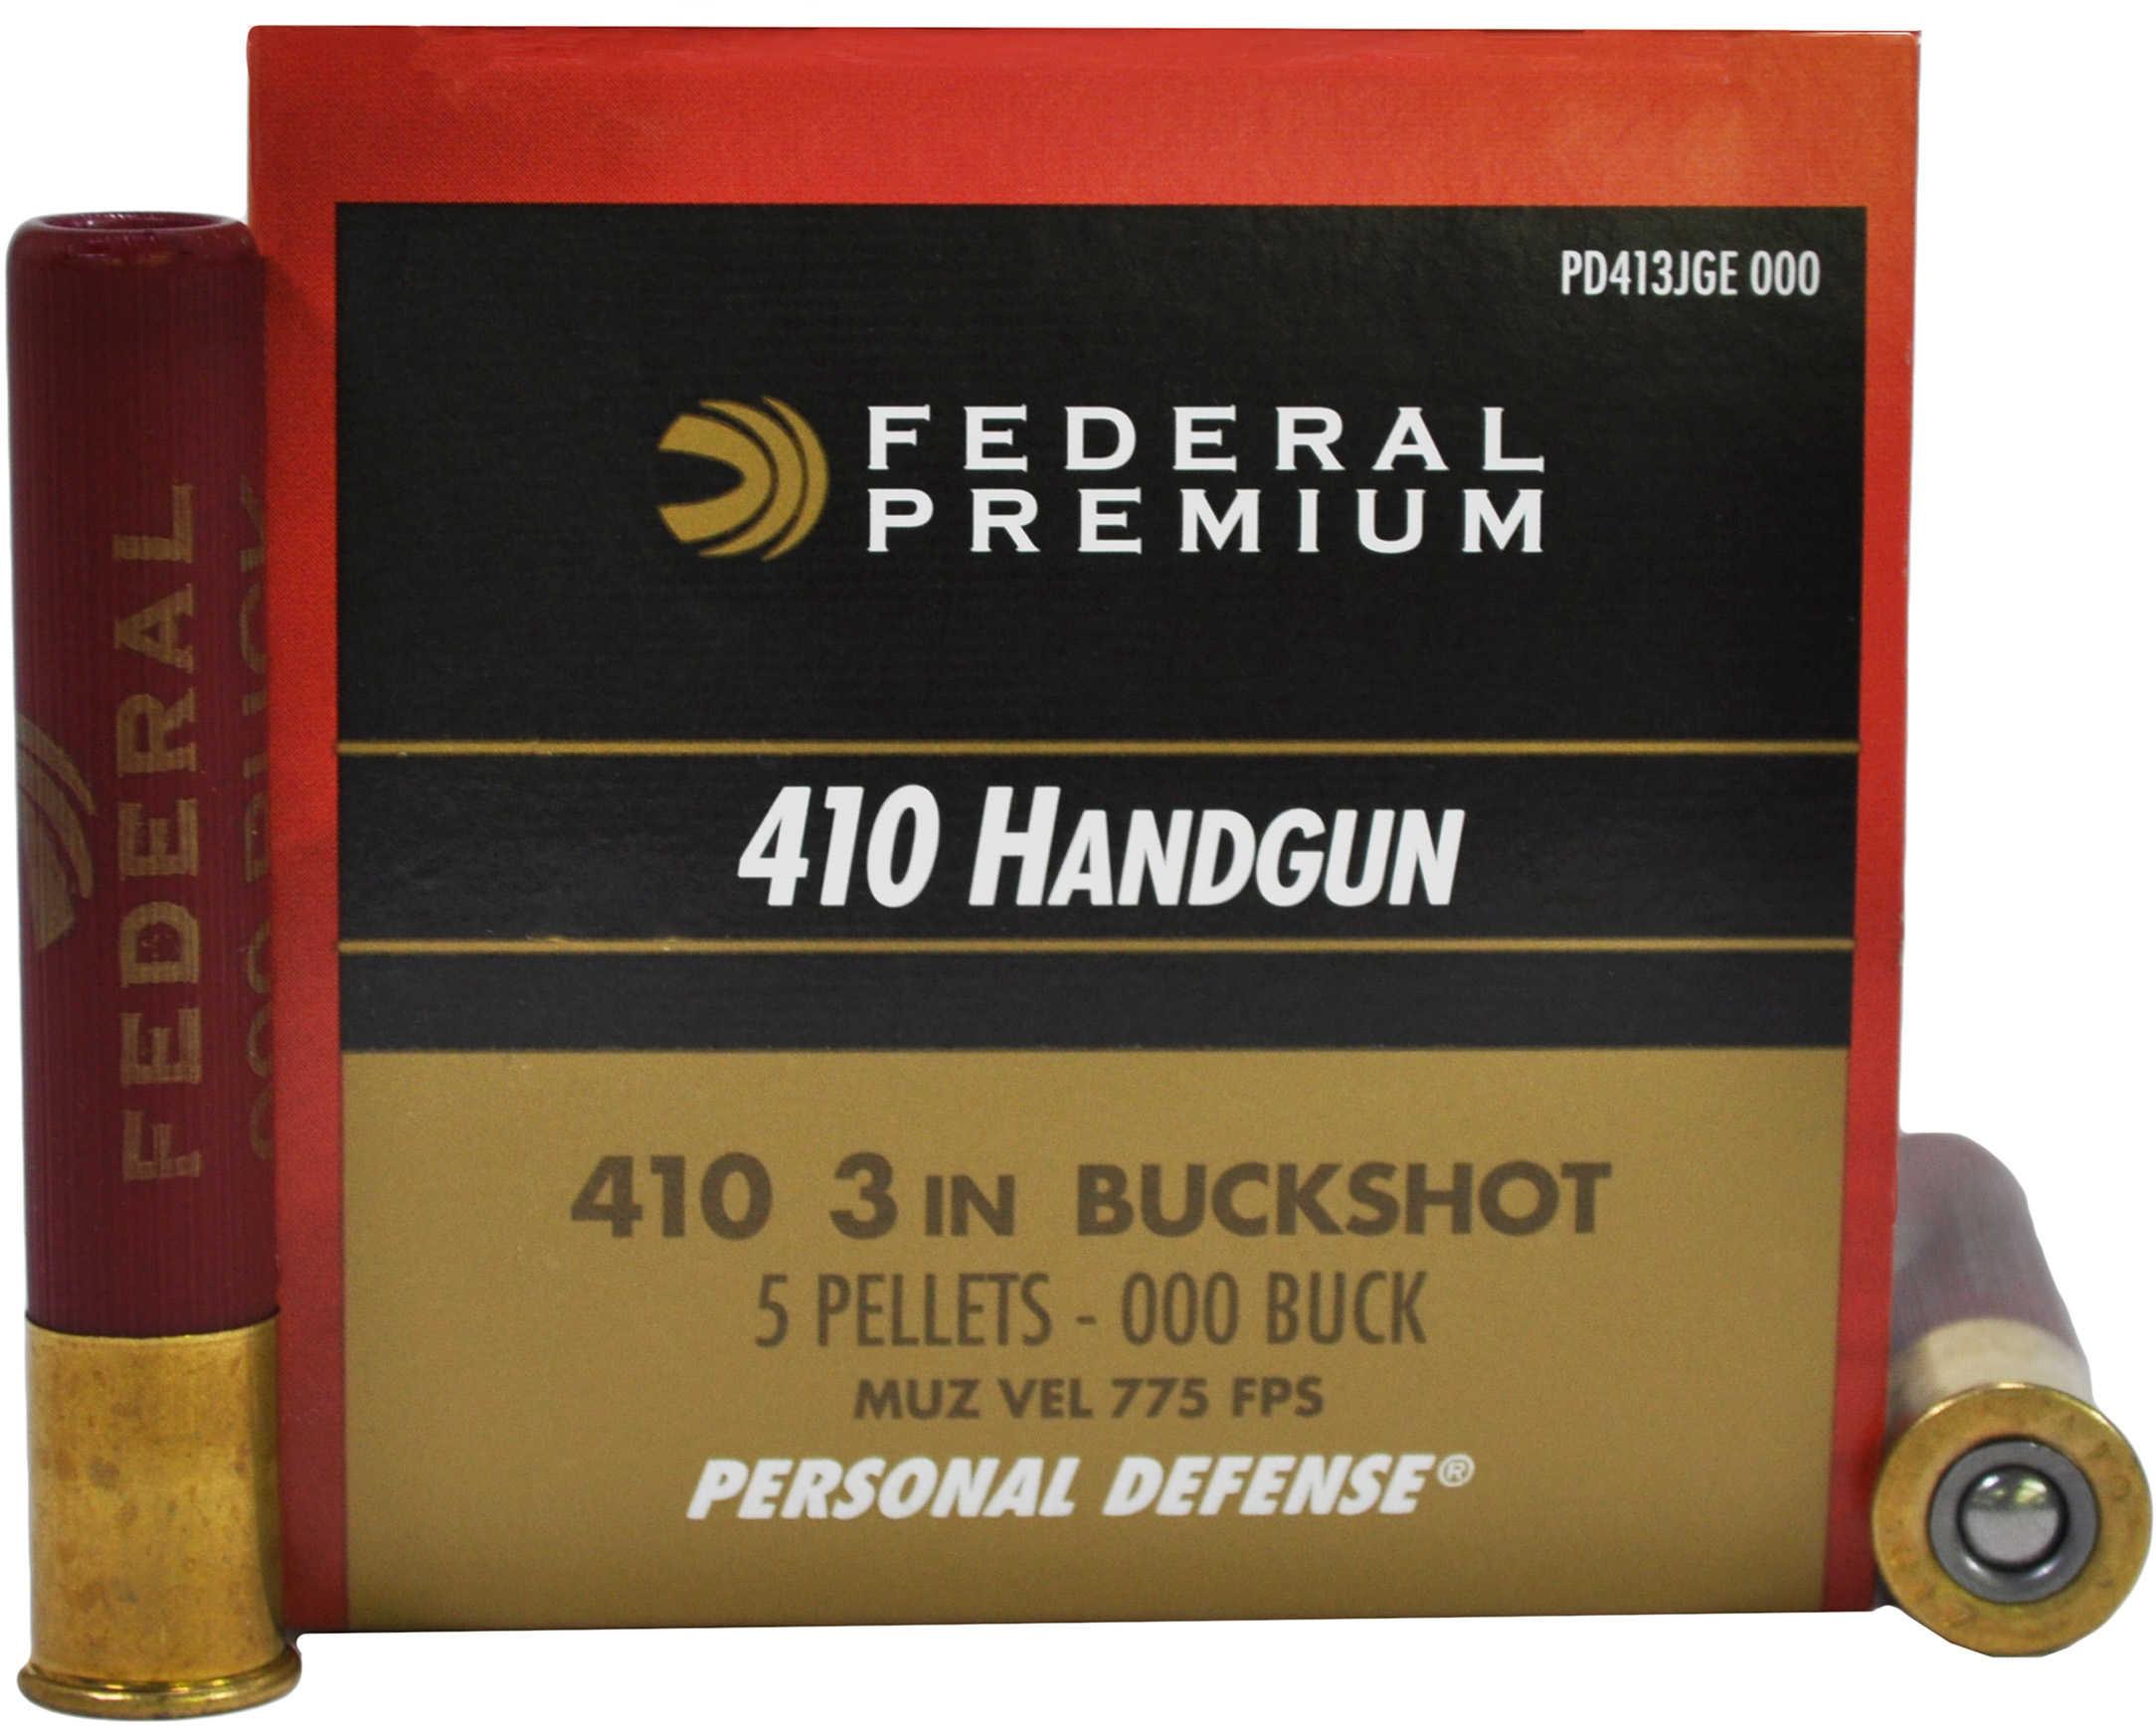 """Federal Cartridge 410 Shotshells Personal Defense 3"""" 5-Pellet 000-Buckshot/20 PD413JGE000"""